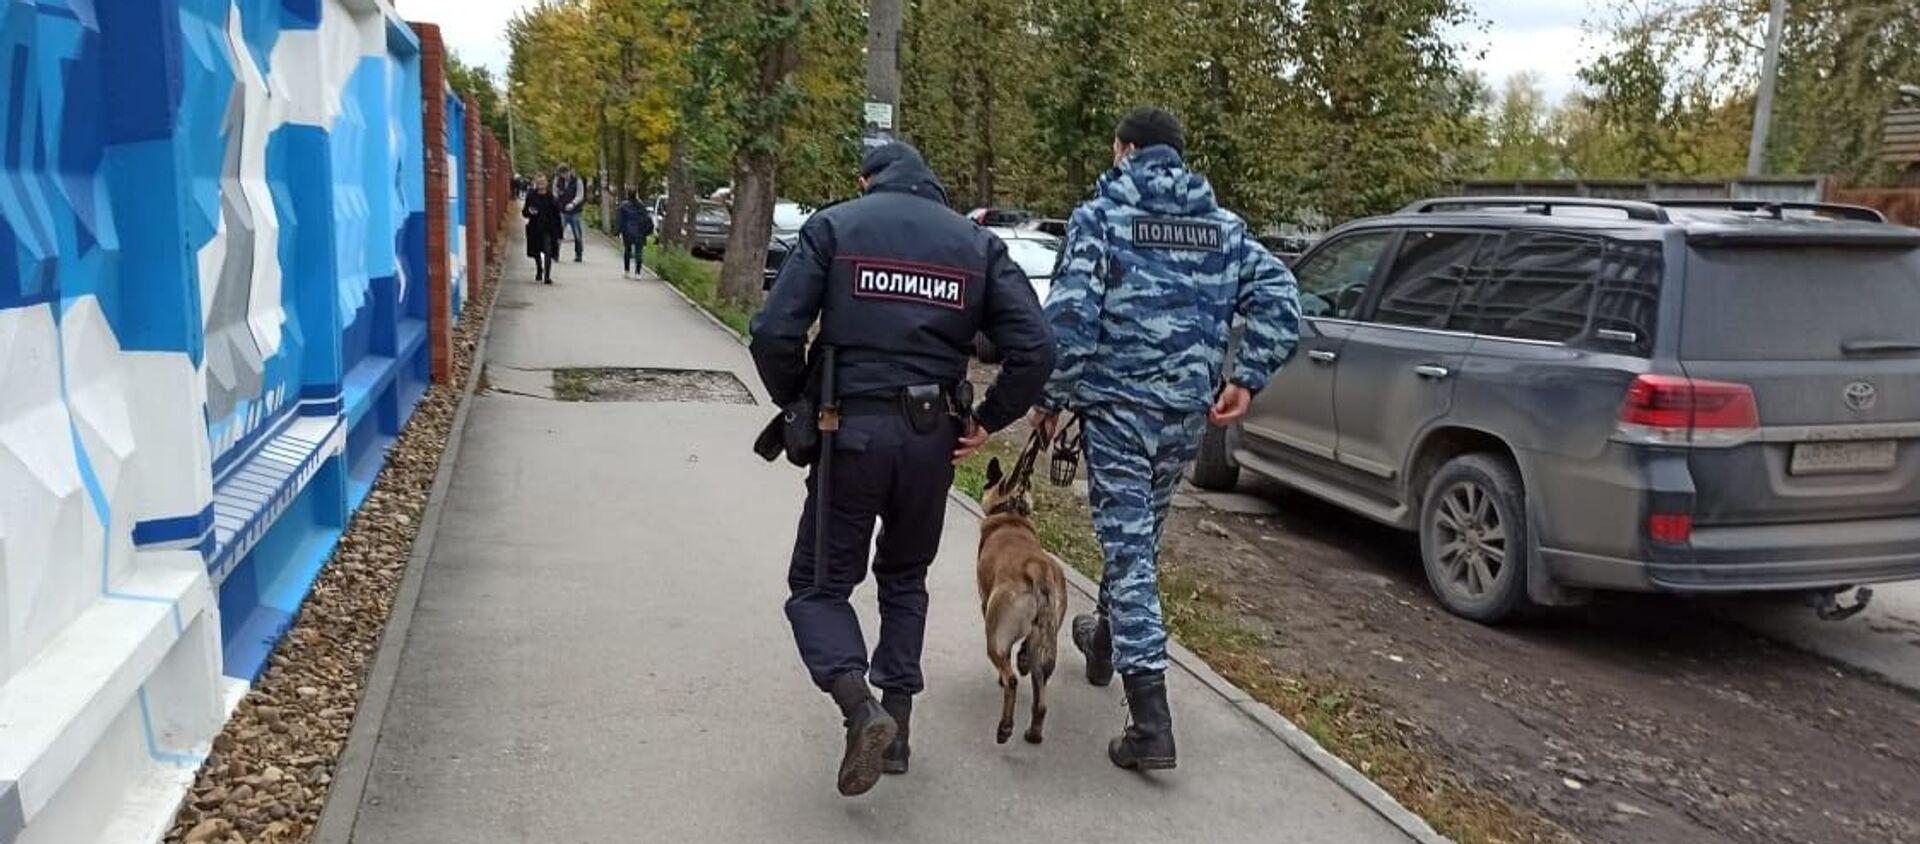 Cảnh sát với chó nghiệp vụ trên đường phố Perm, nơi một người không rõ danh tính nổ súng tại Đại học quốc gia Perm - Sputnik Việt Nam, 1920, 21.09.2021